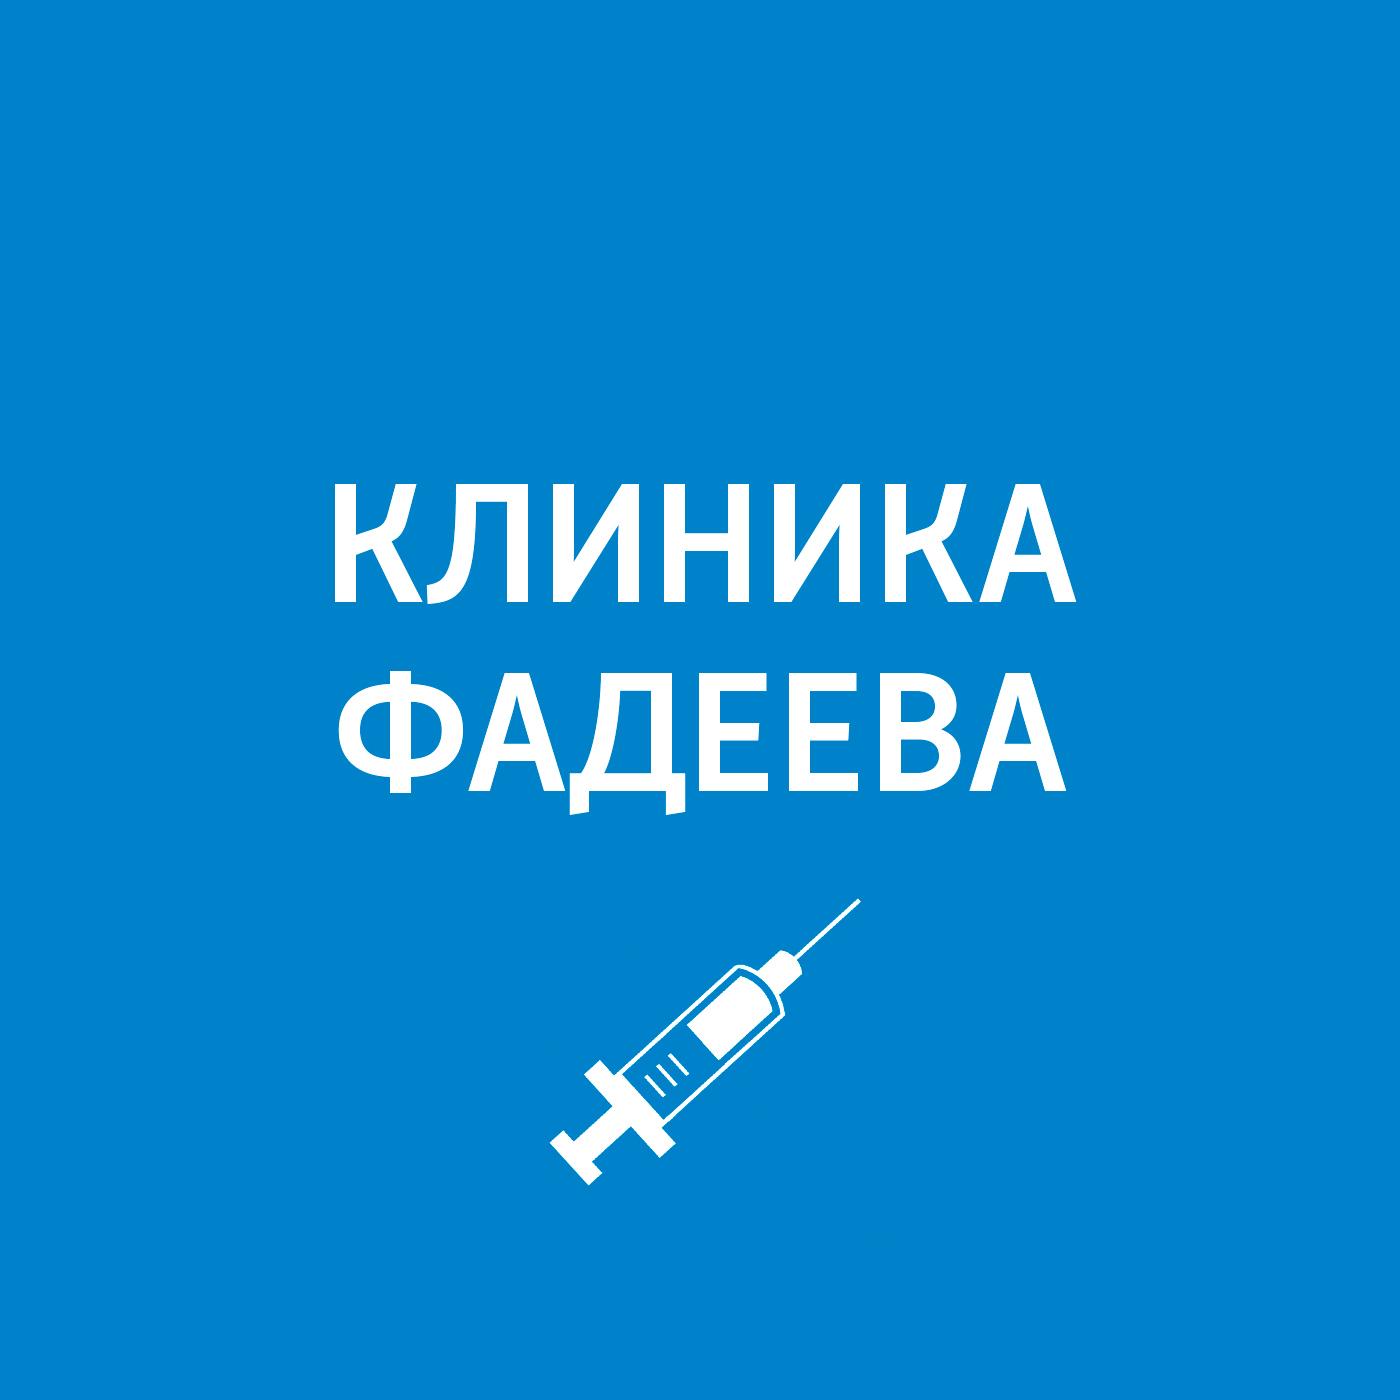 Пётр Фадеев Летняя простуда пётр фадеев кинезиолог остеопат